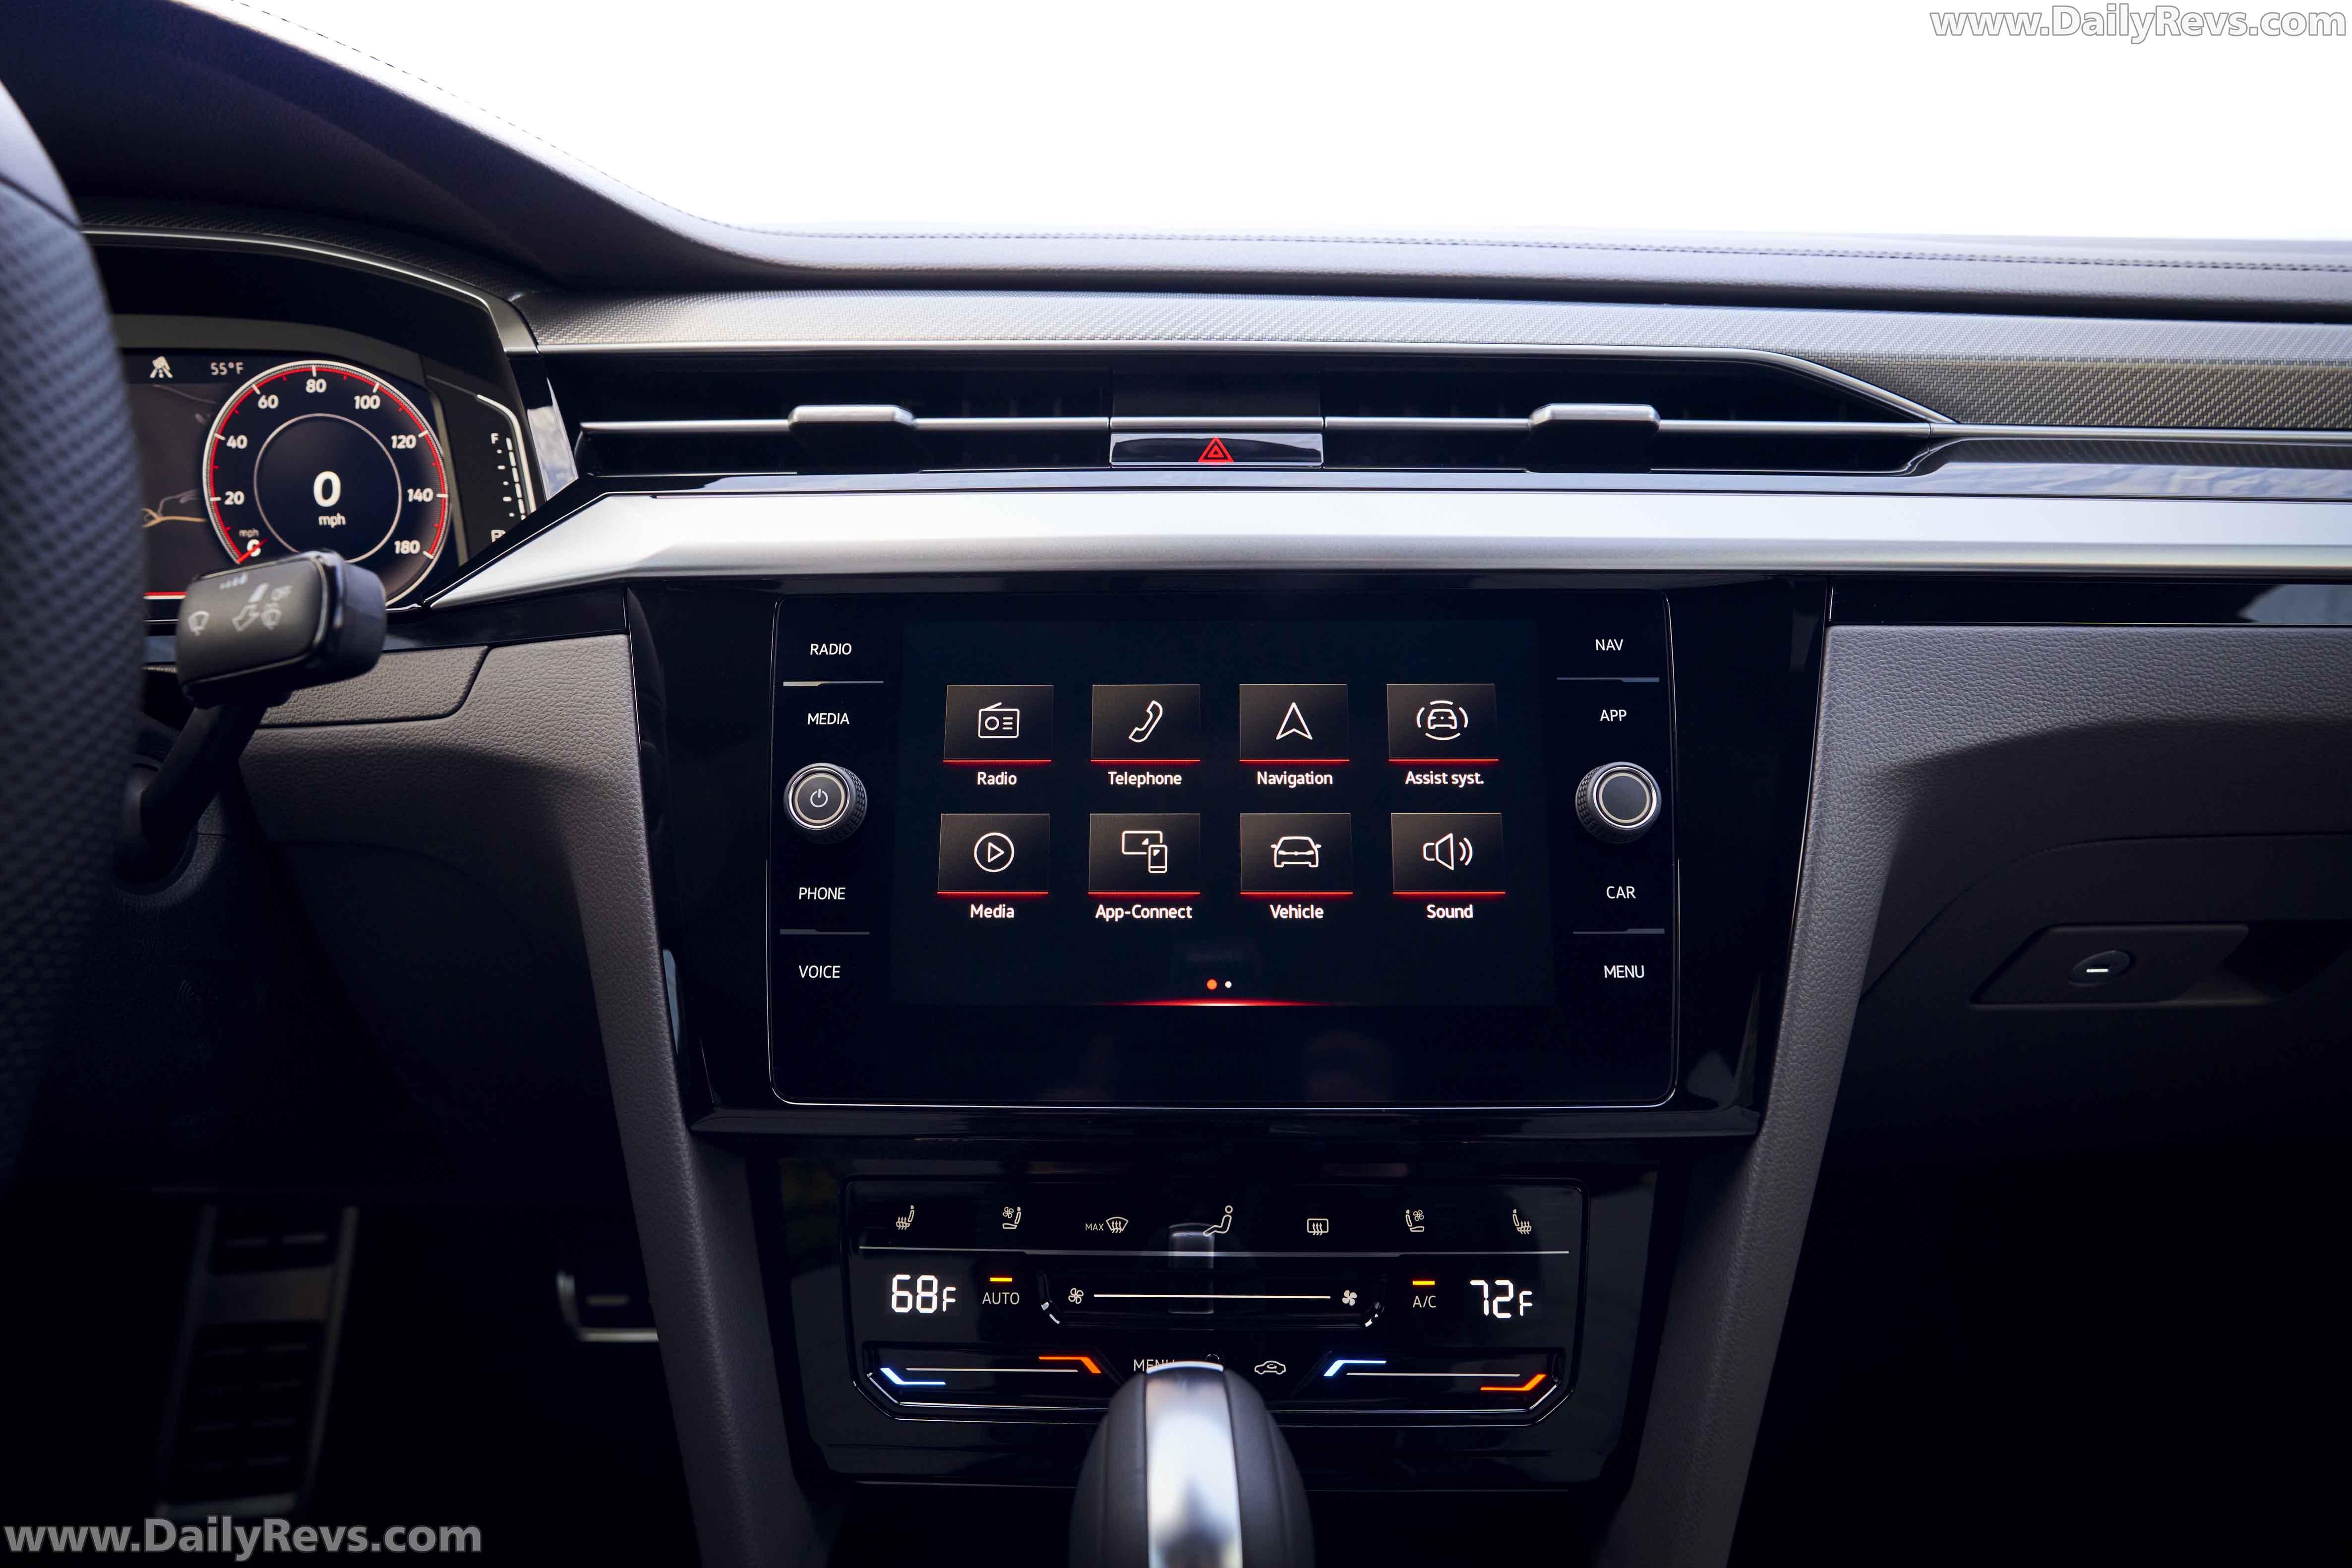 2021 Volkswagen Arteon SEL full